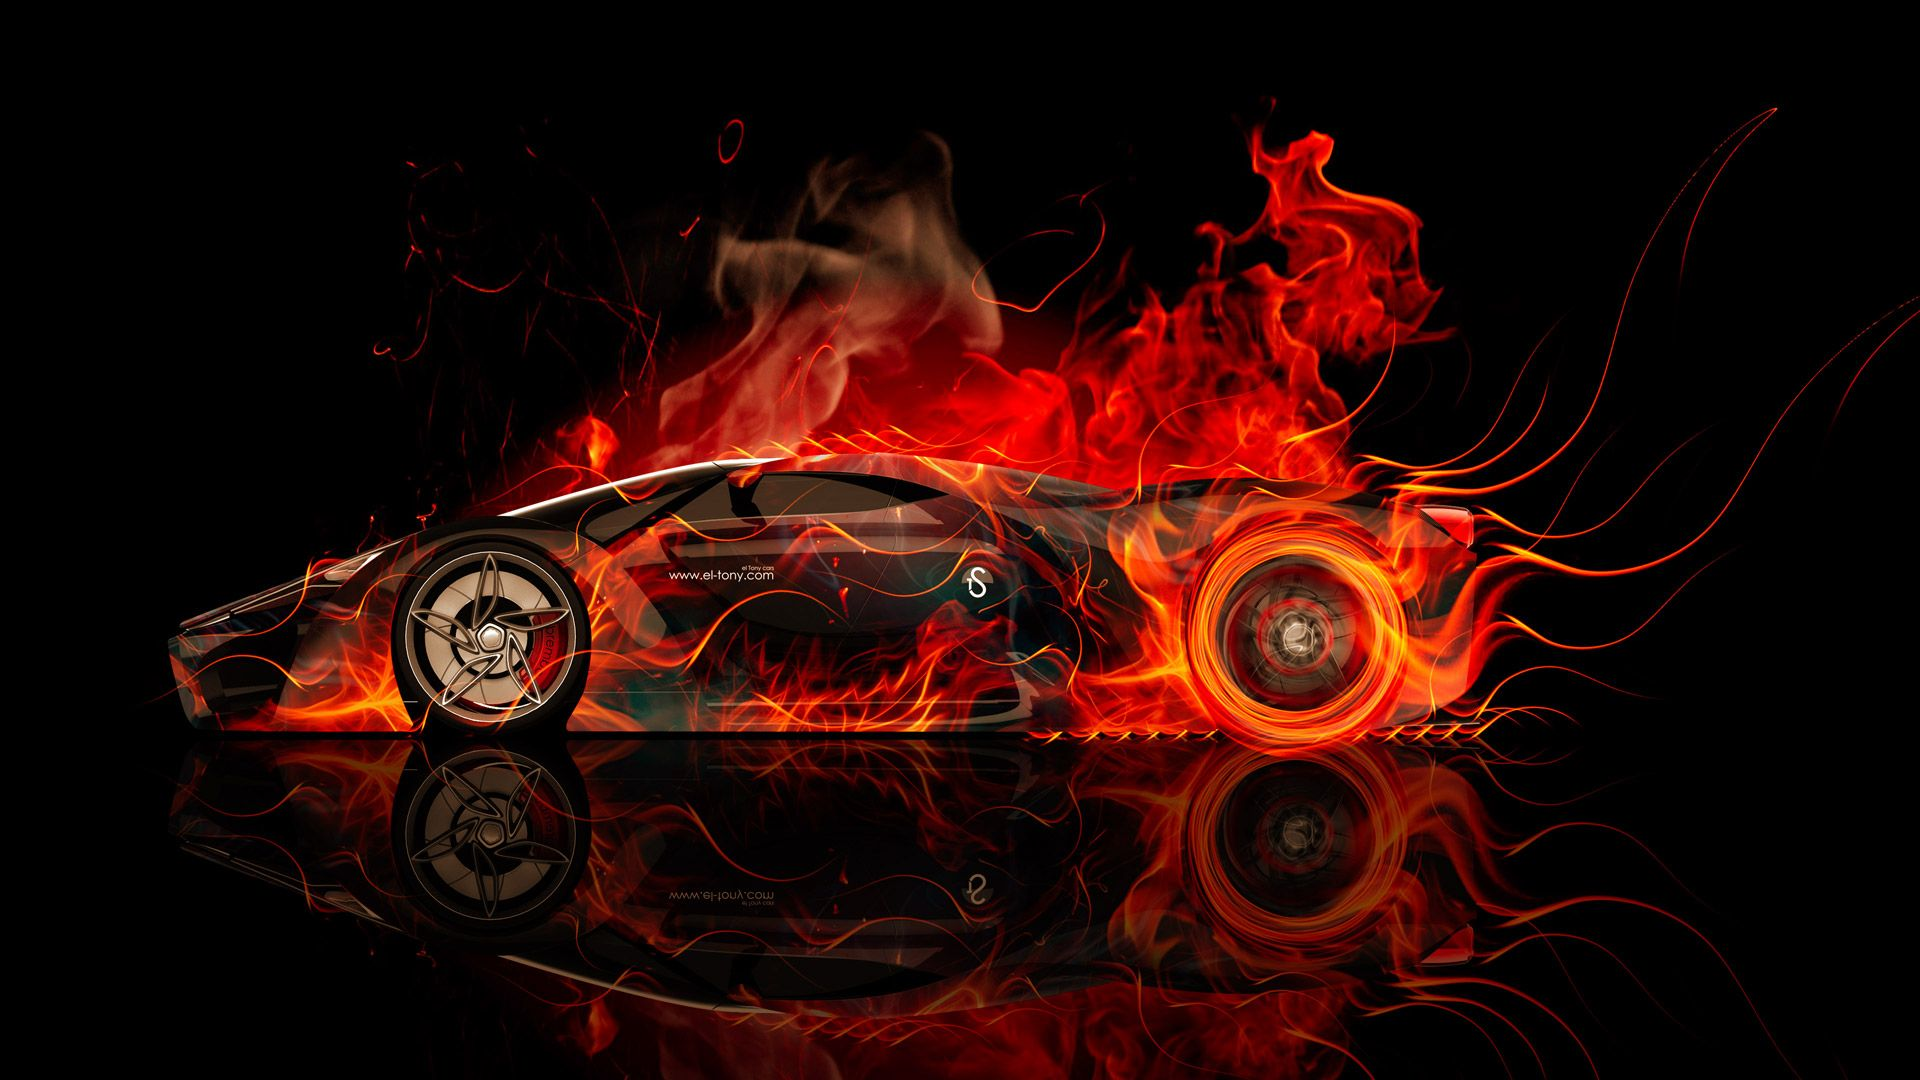 El Tony Fire Cars, Wallpaper Ferrari